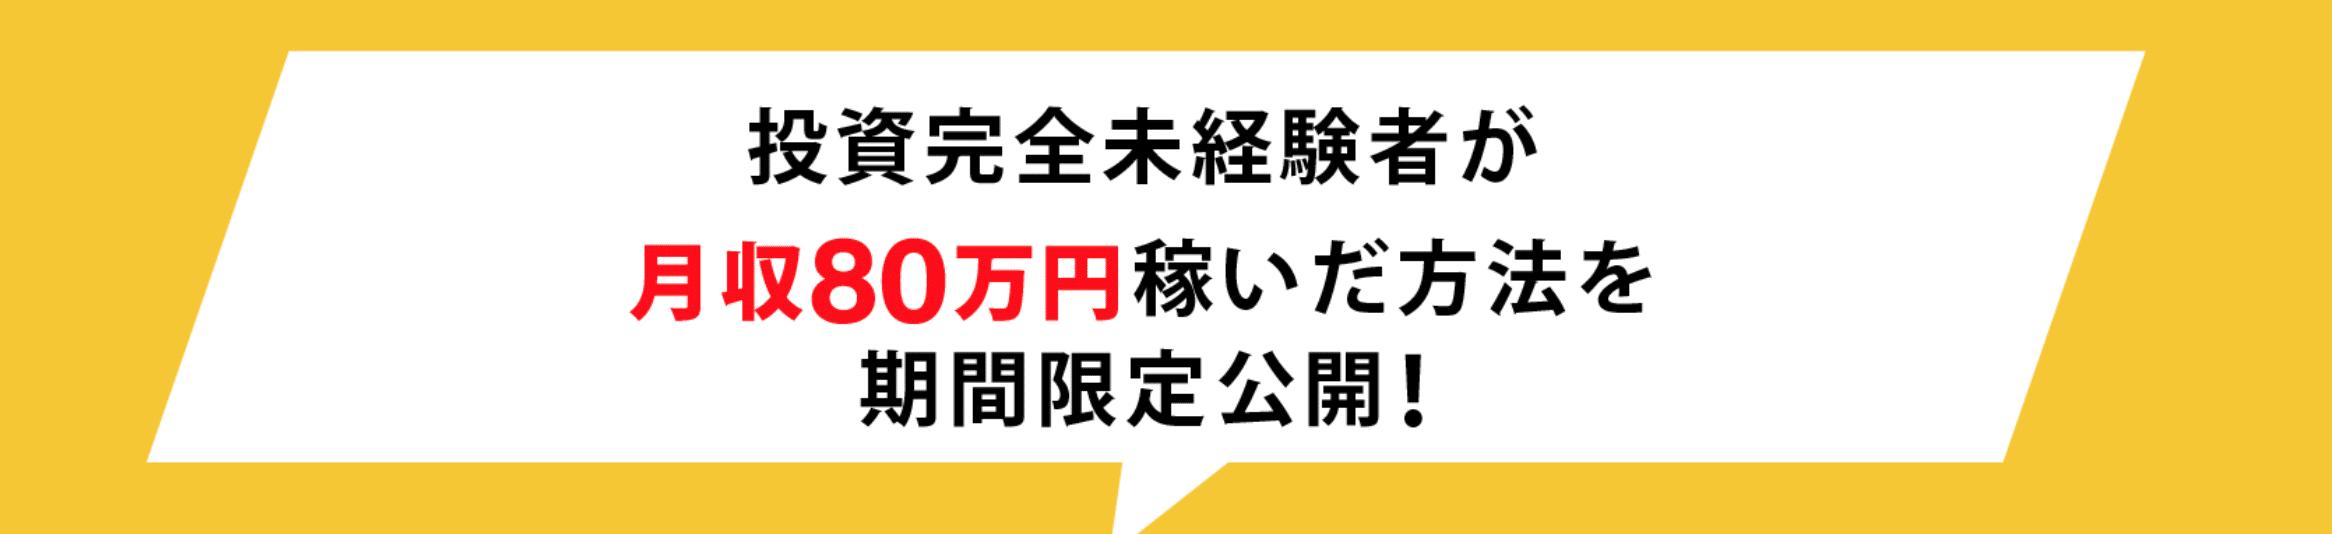 月収80万円獲得プロジェクト2